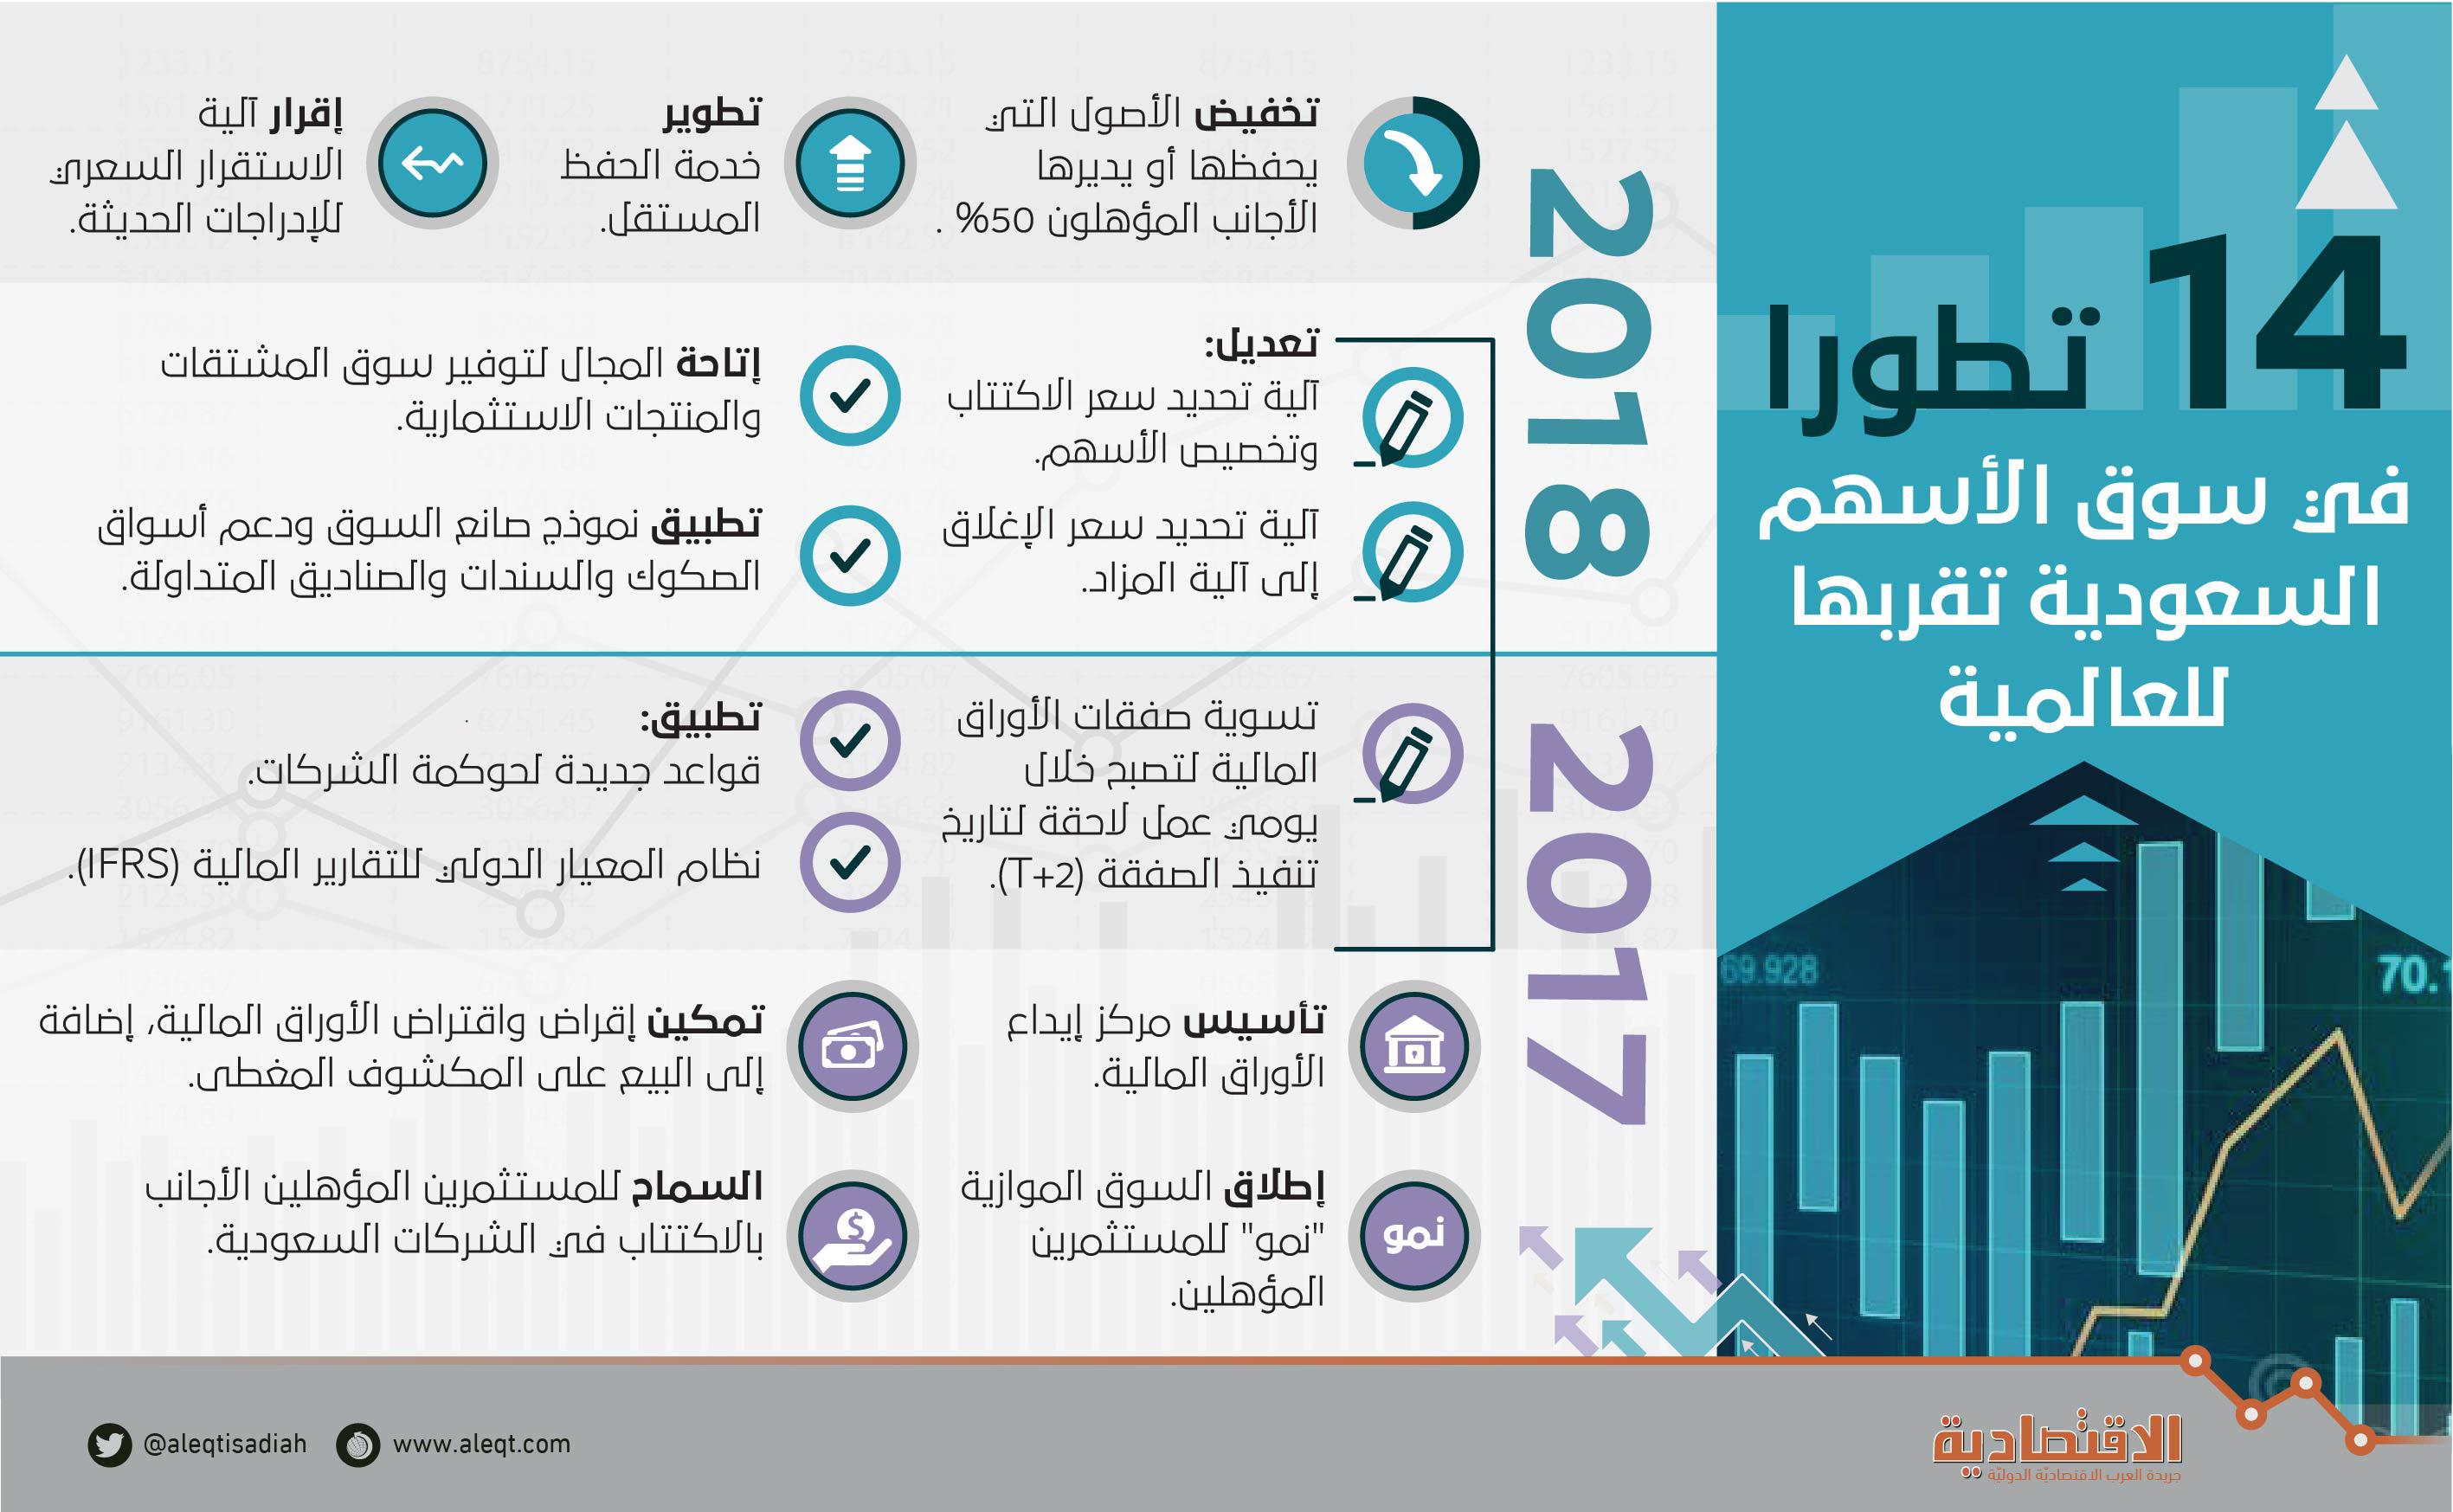 1 6 تريليون ريال قيمة أسهم الشركات السعودية المرشحة للانضمام إلى msci